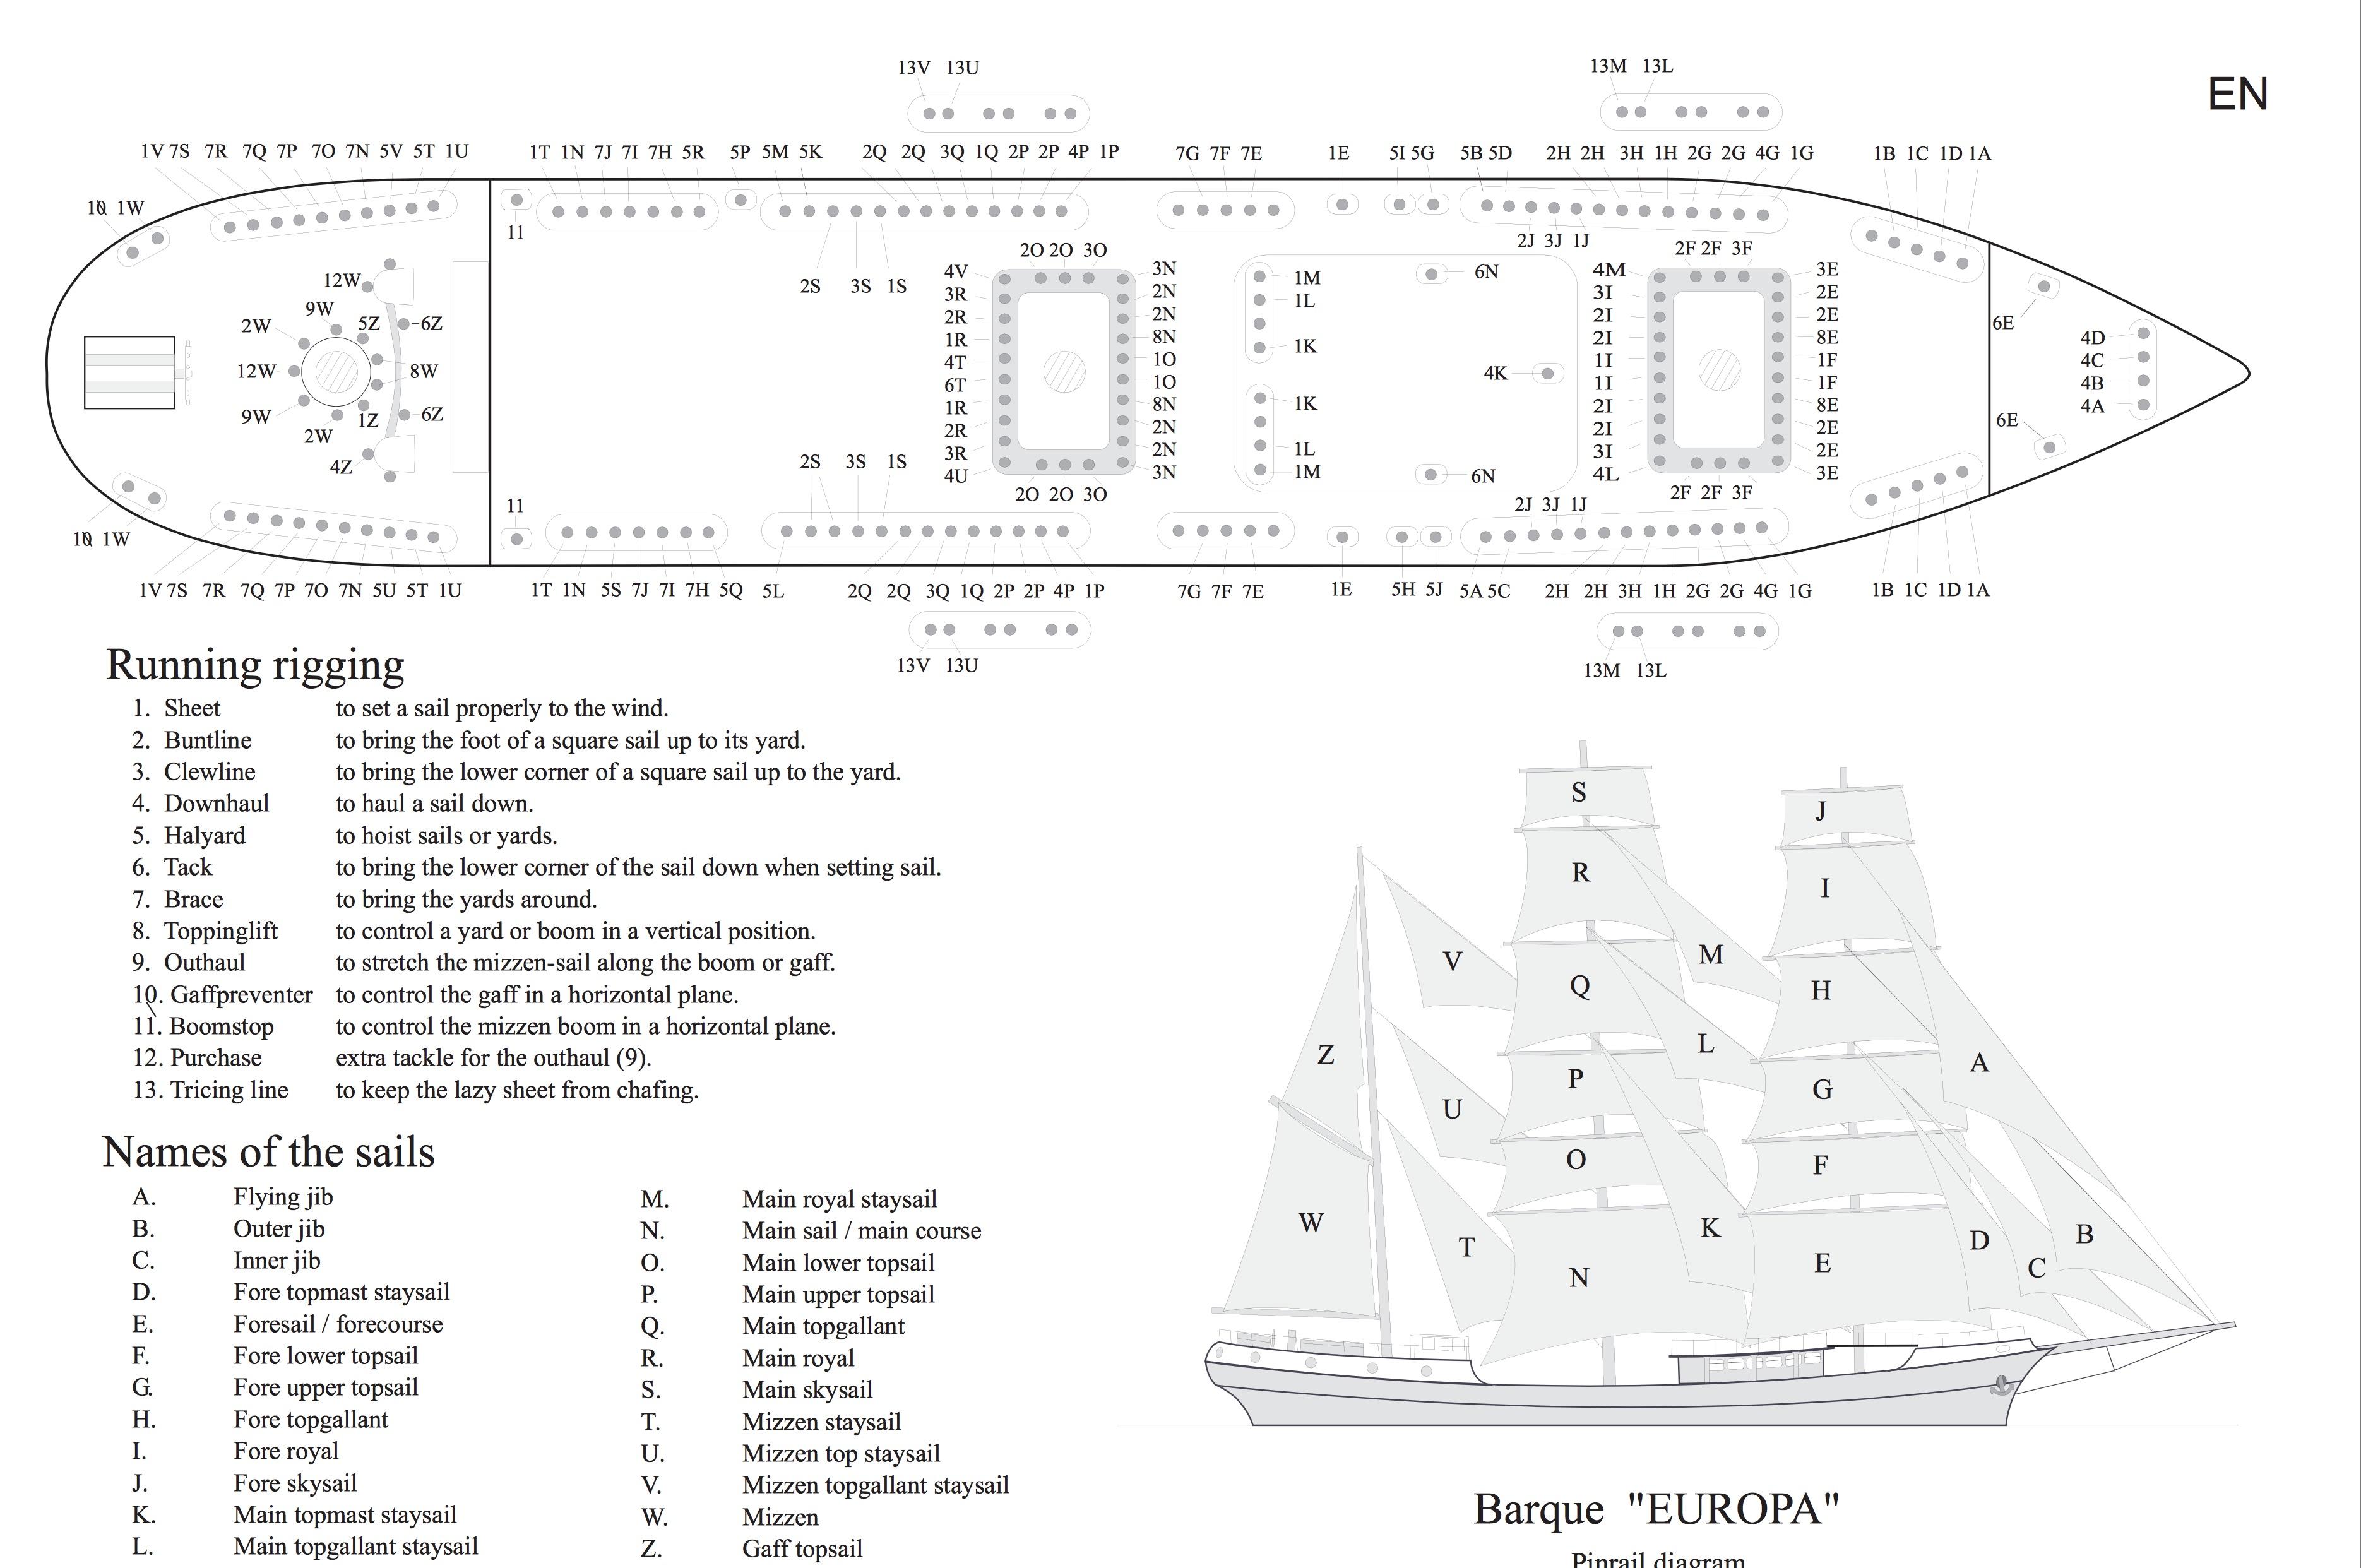 Europa pinrail diagram